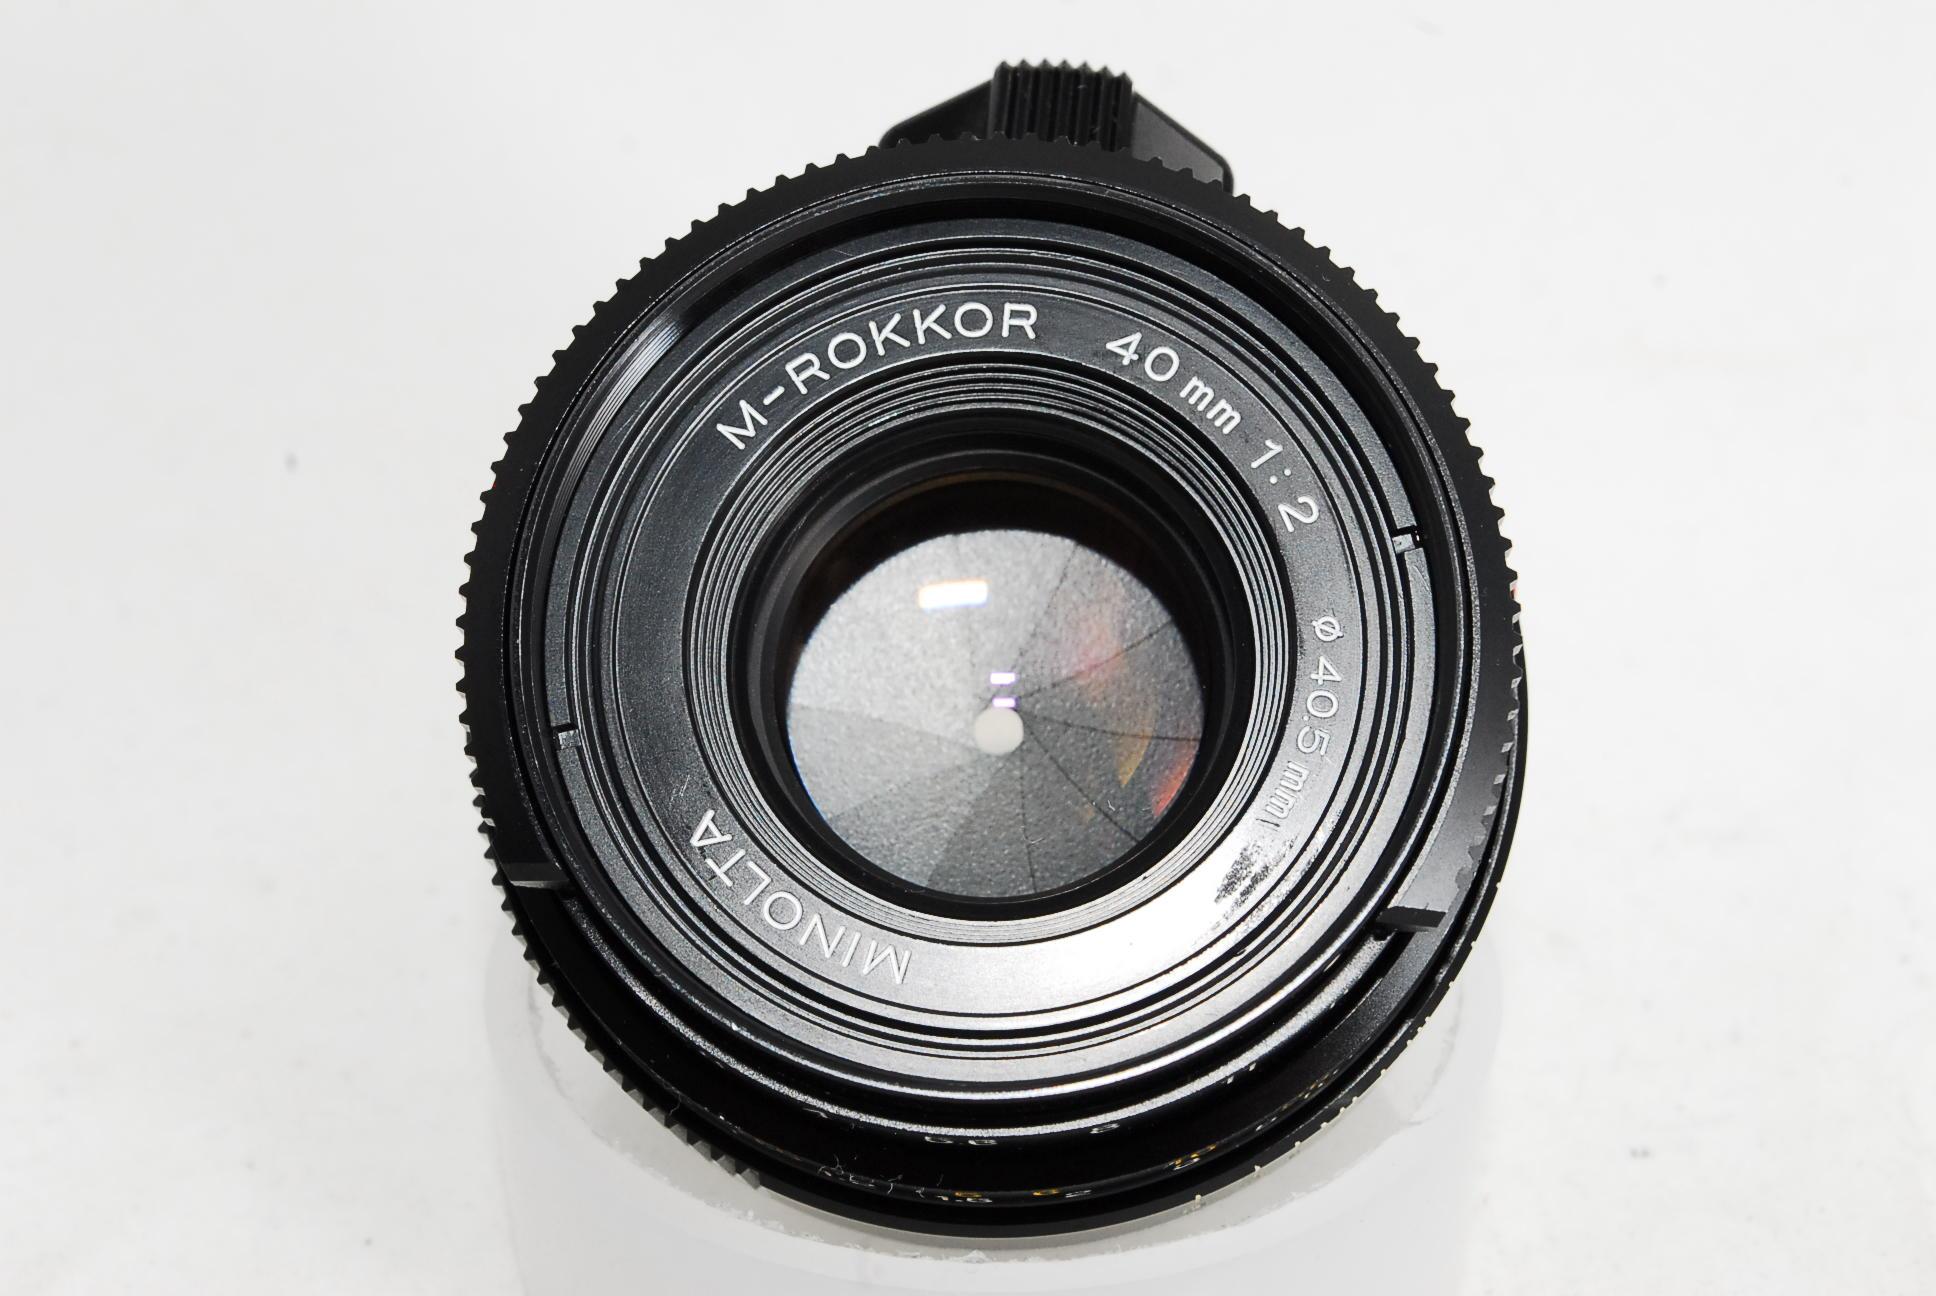 Minolta M-Rokkor 40mm F2 Lens